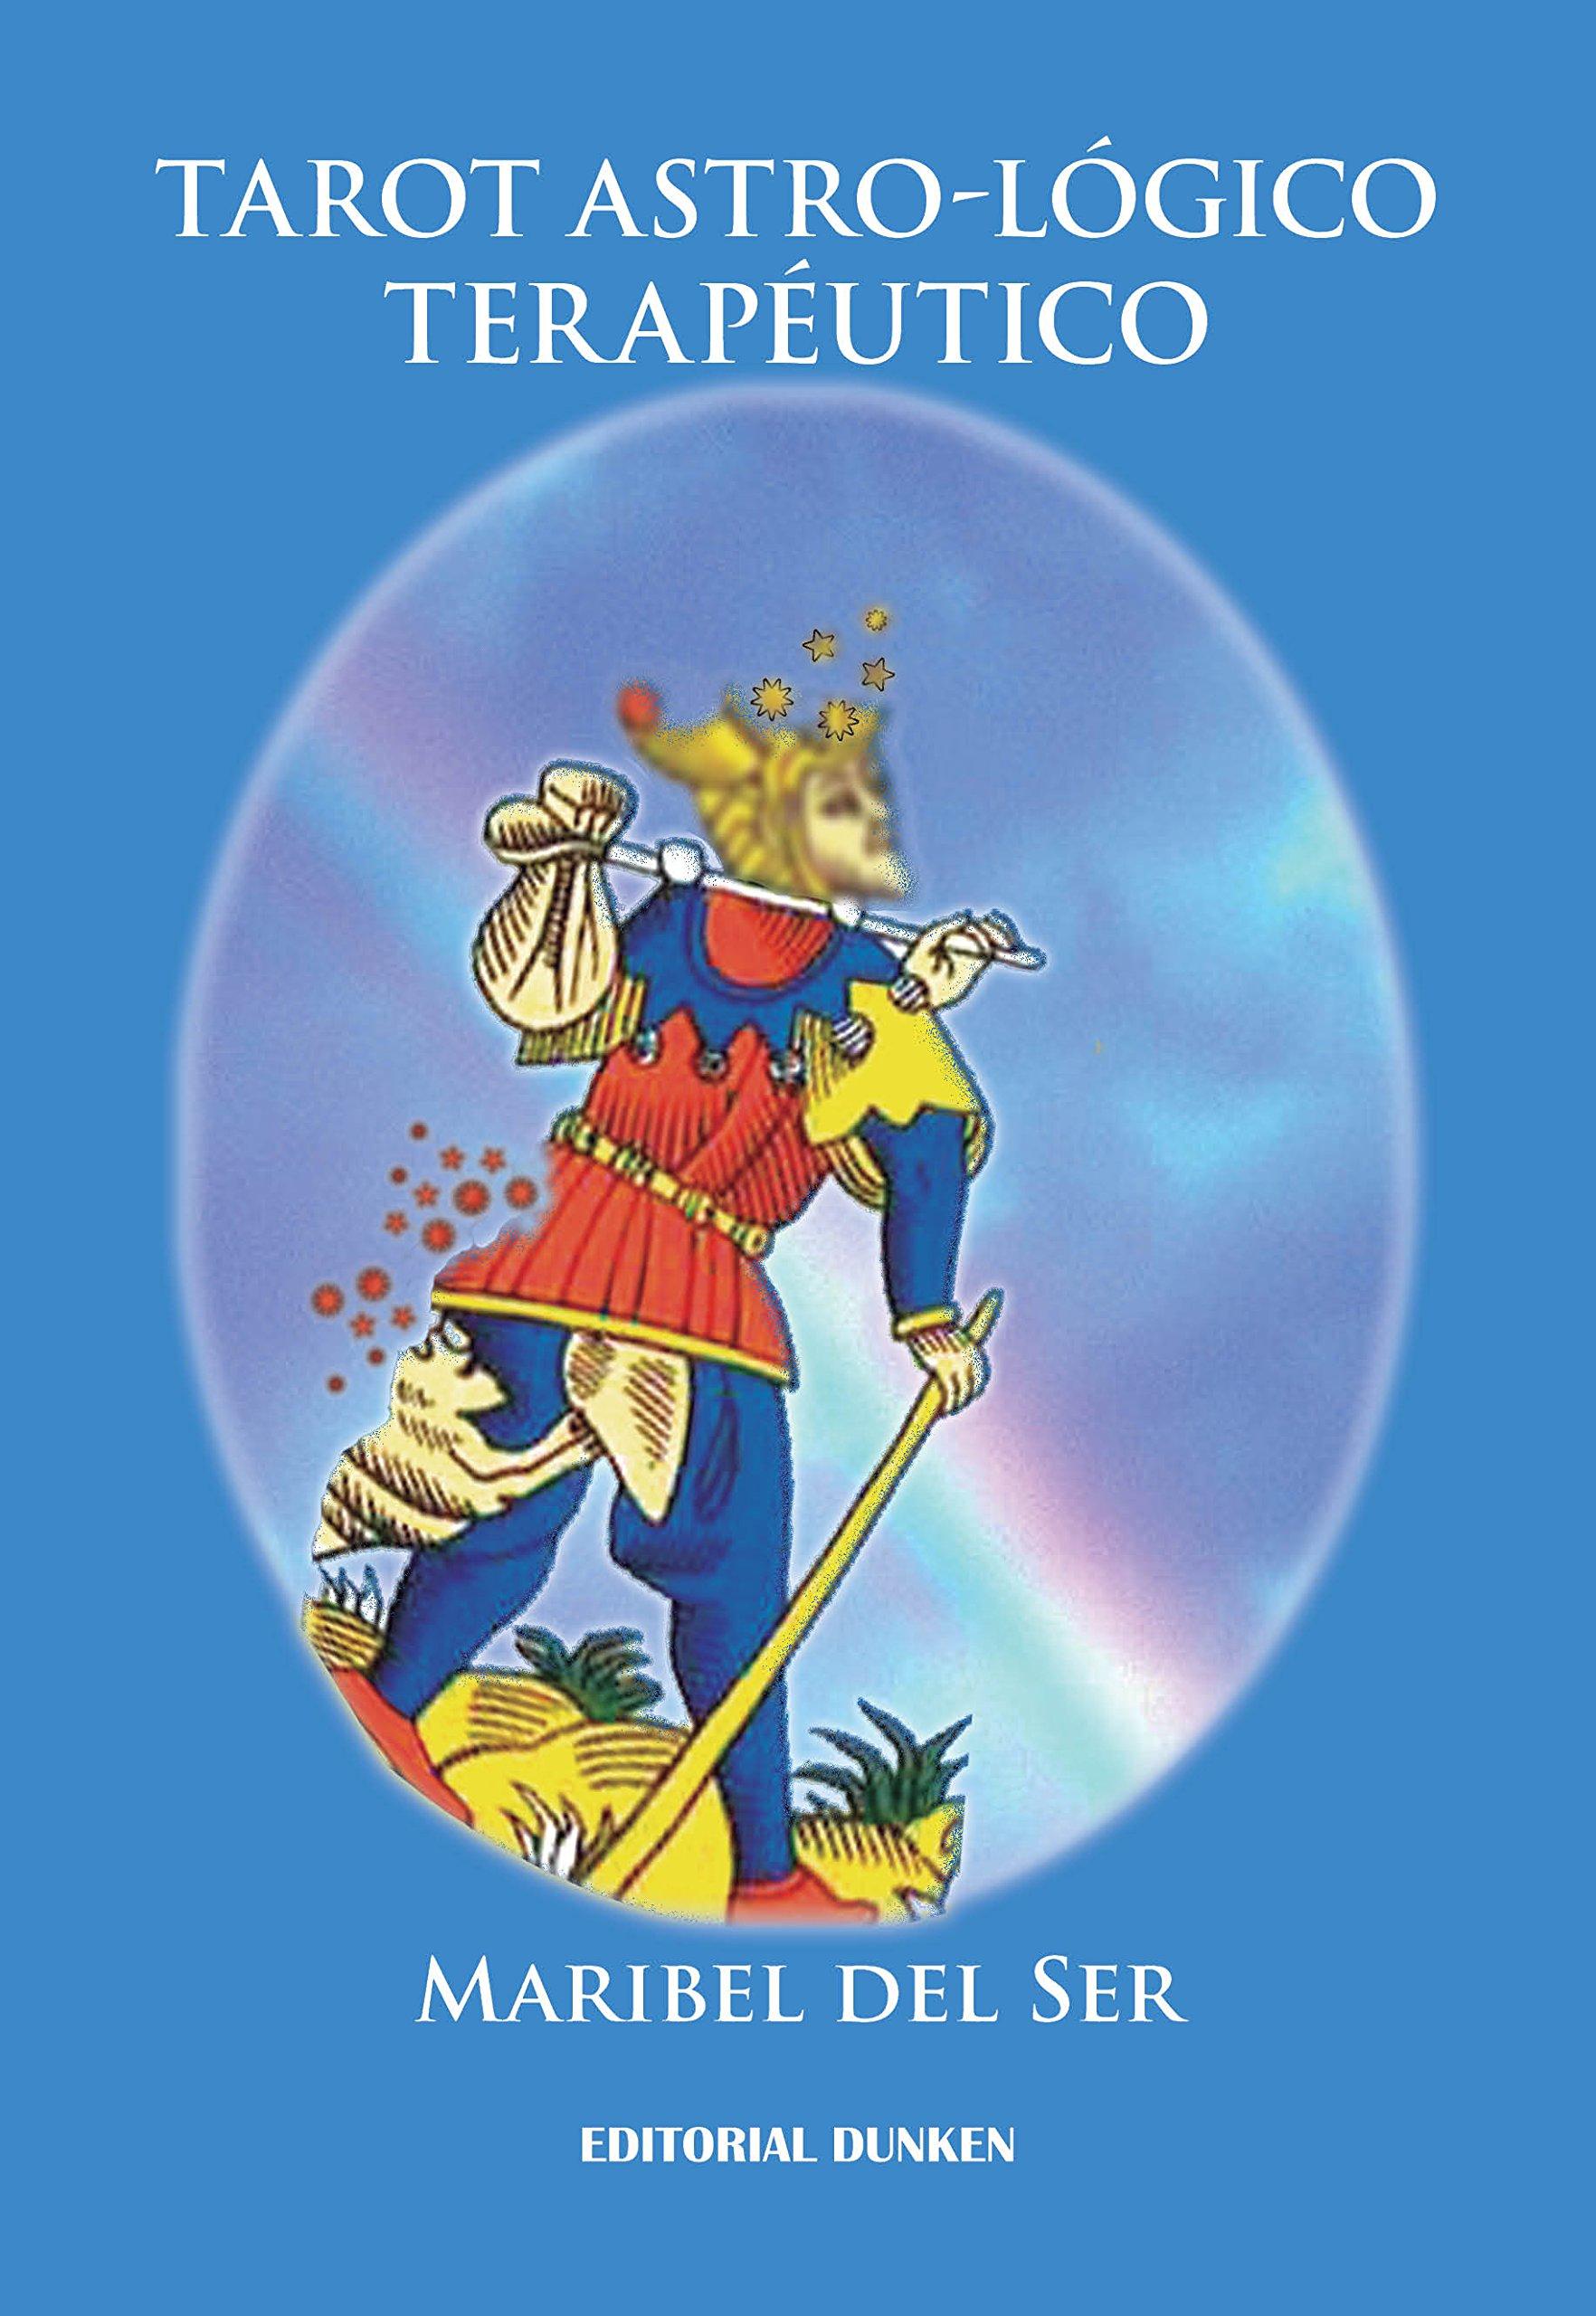 Tarot astro-lógico terapéutico: Maribel Del Ser ...